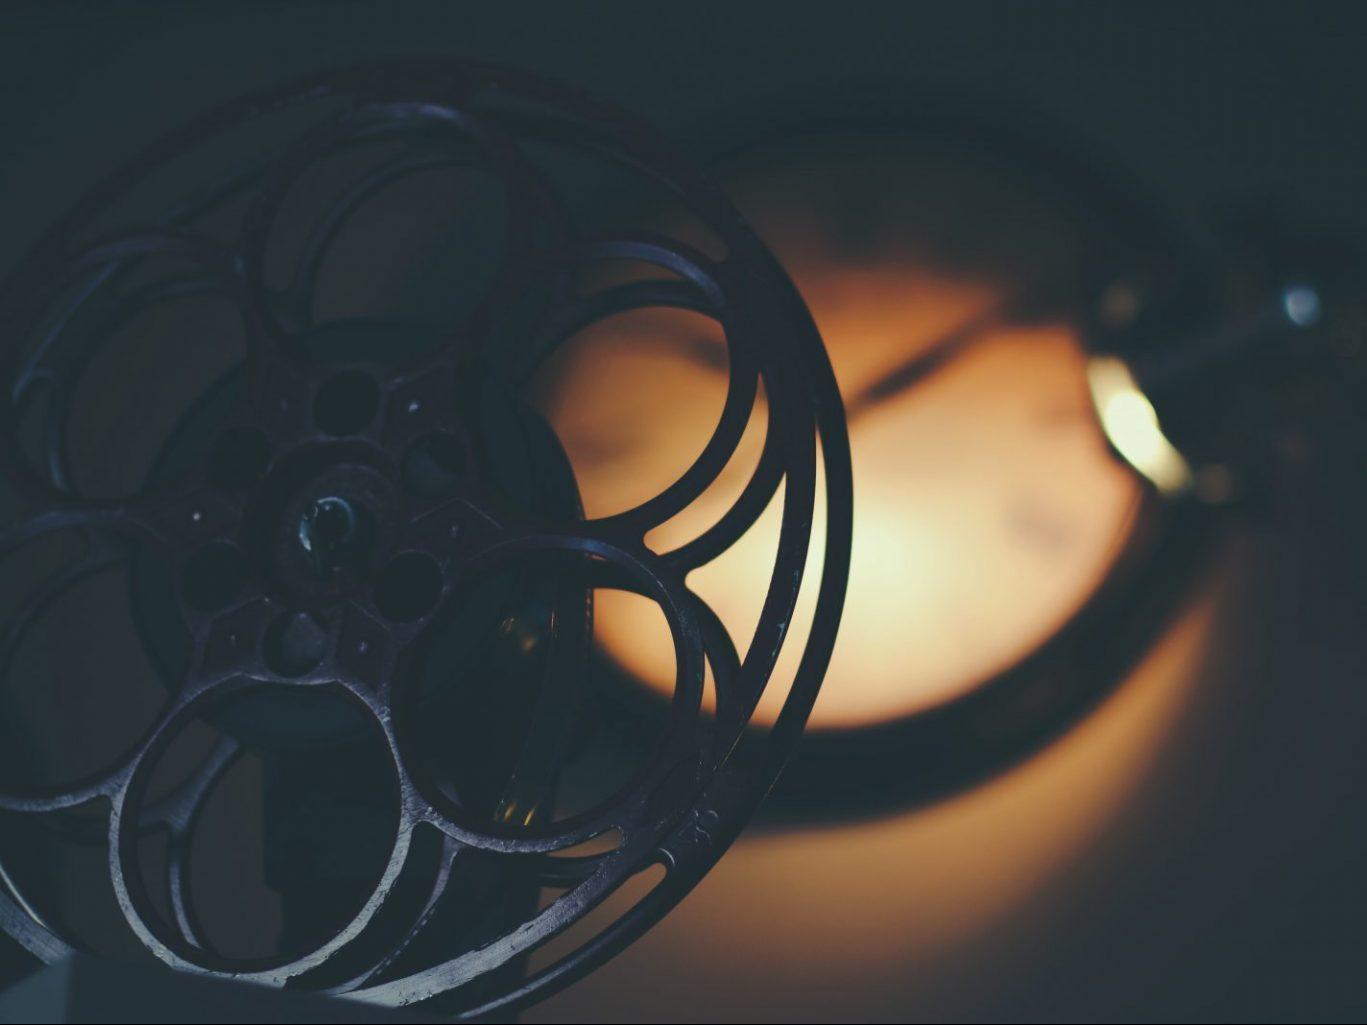 filmes-joao-botelho-gerador